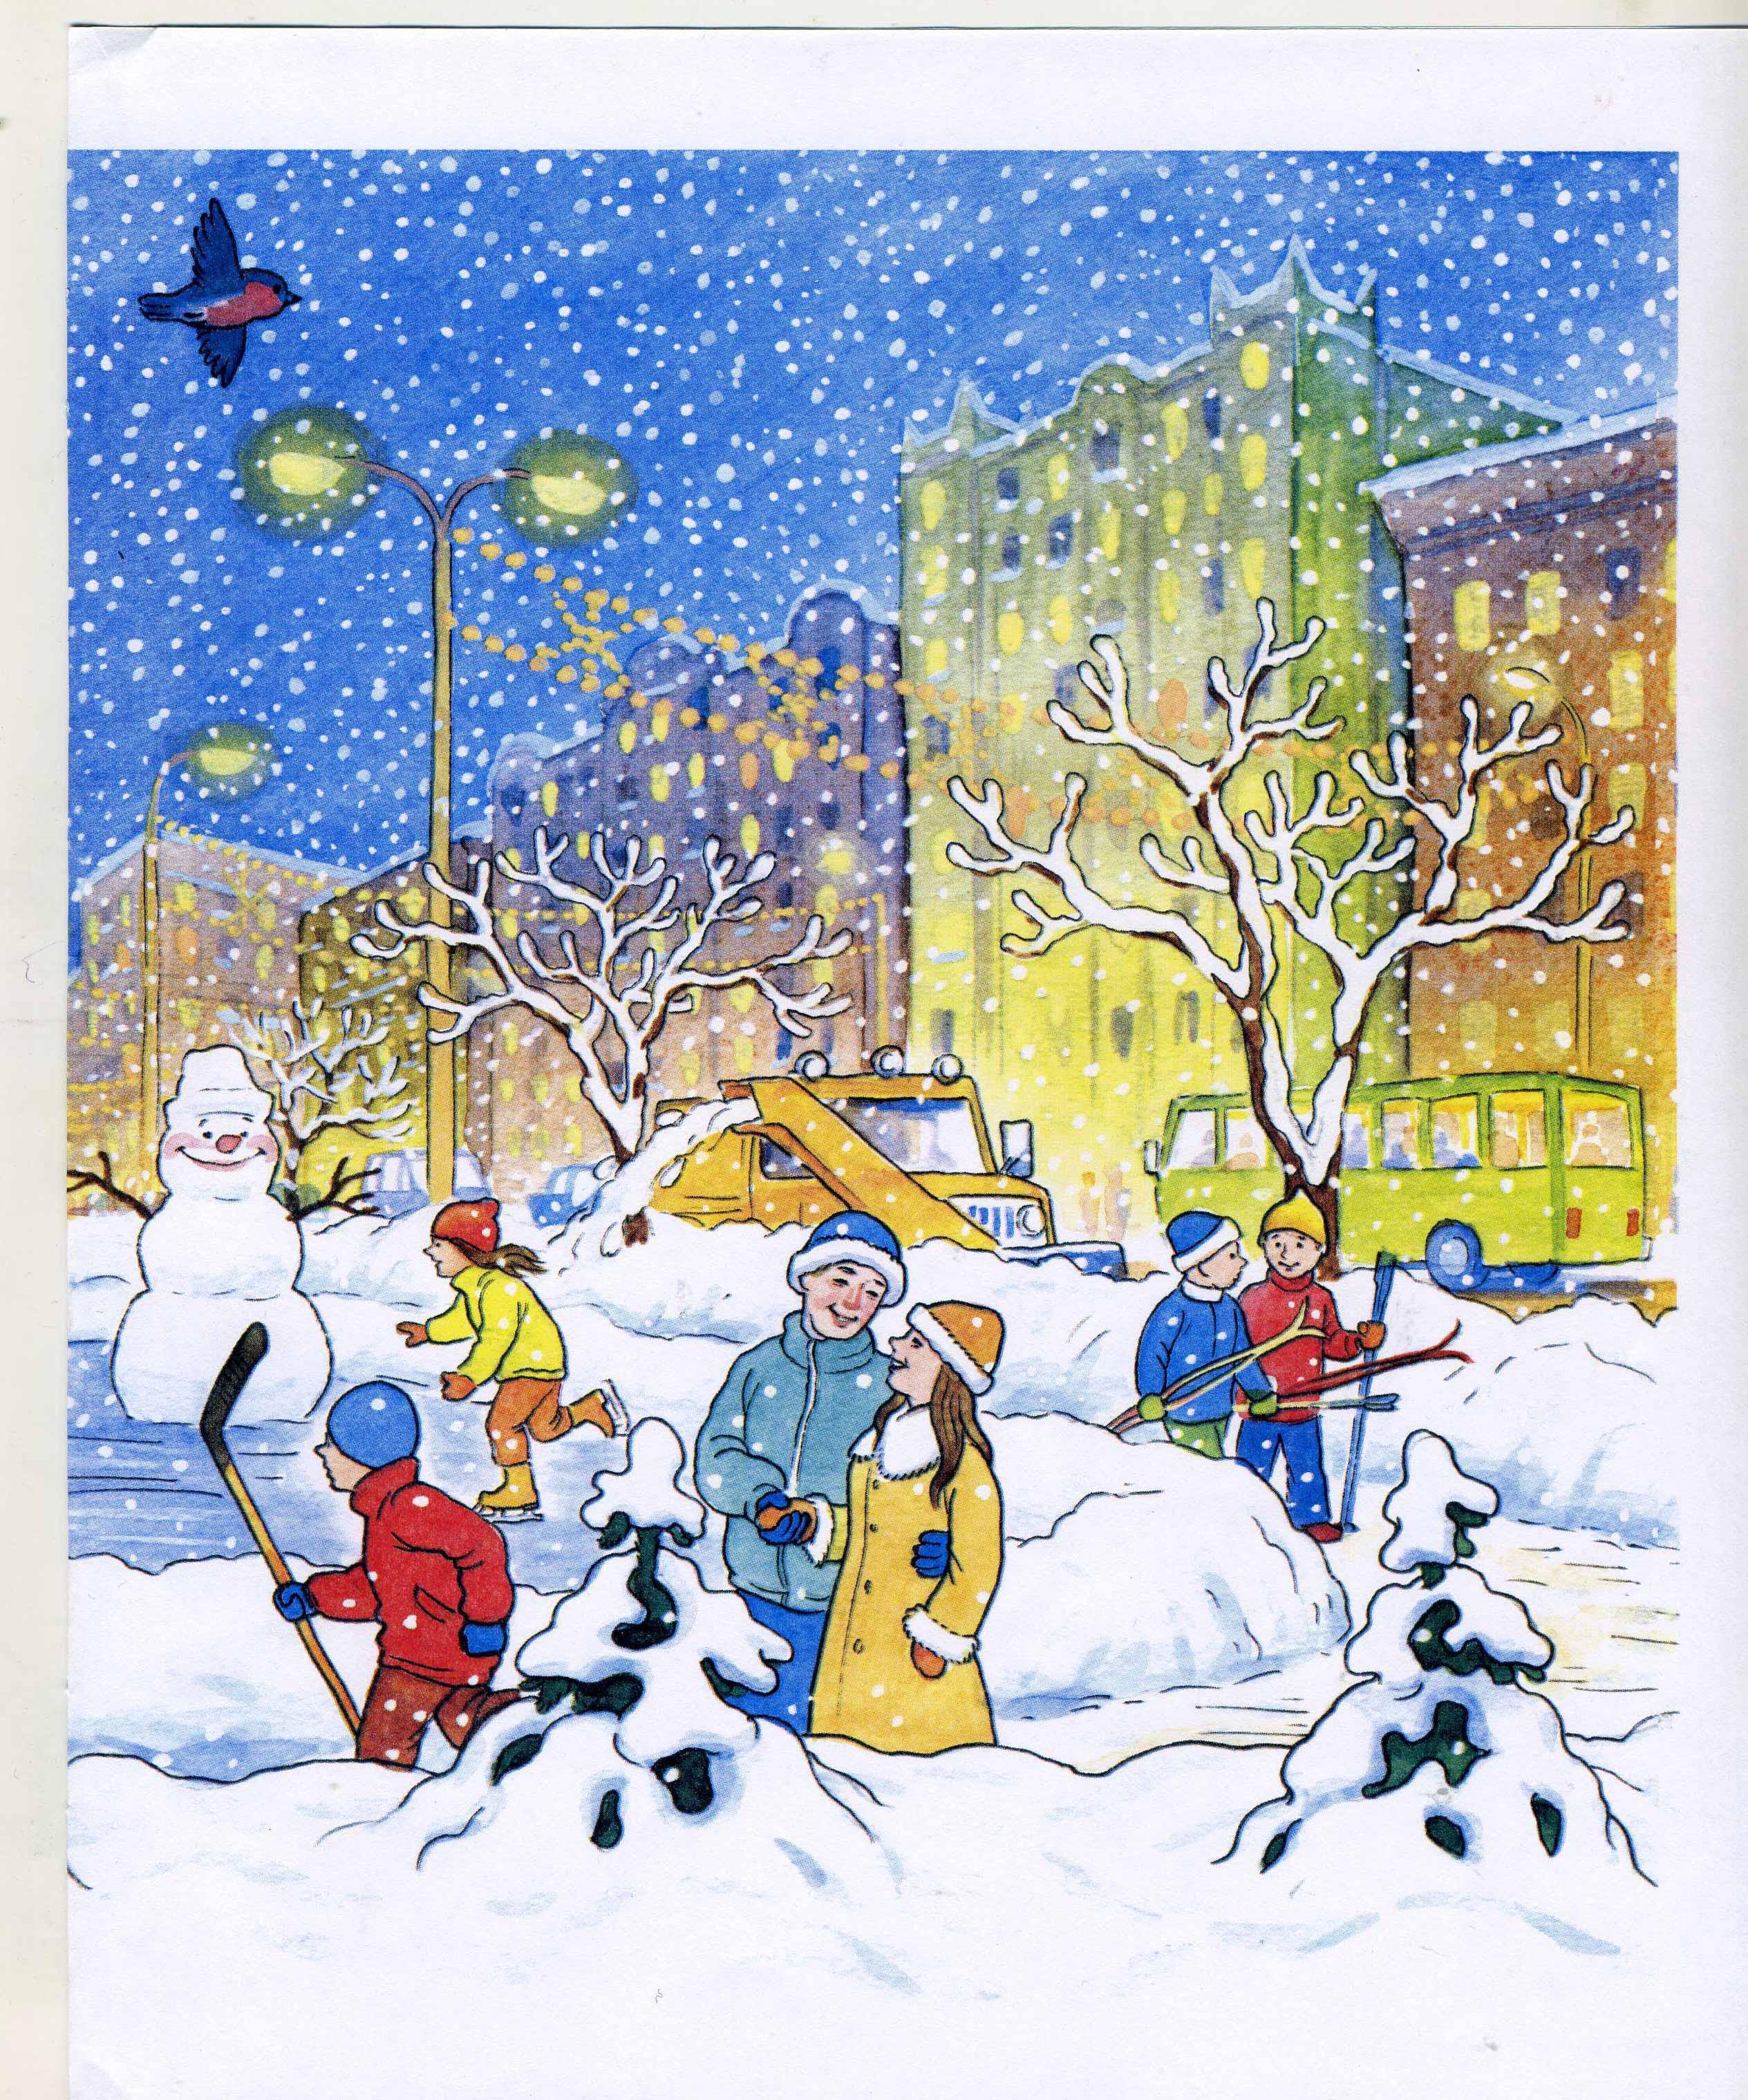 Картинки прикольные смешные хороший день среда зимняя